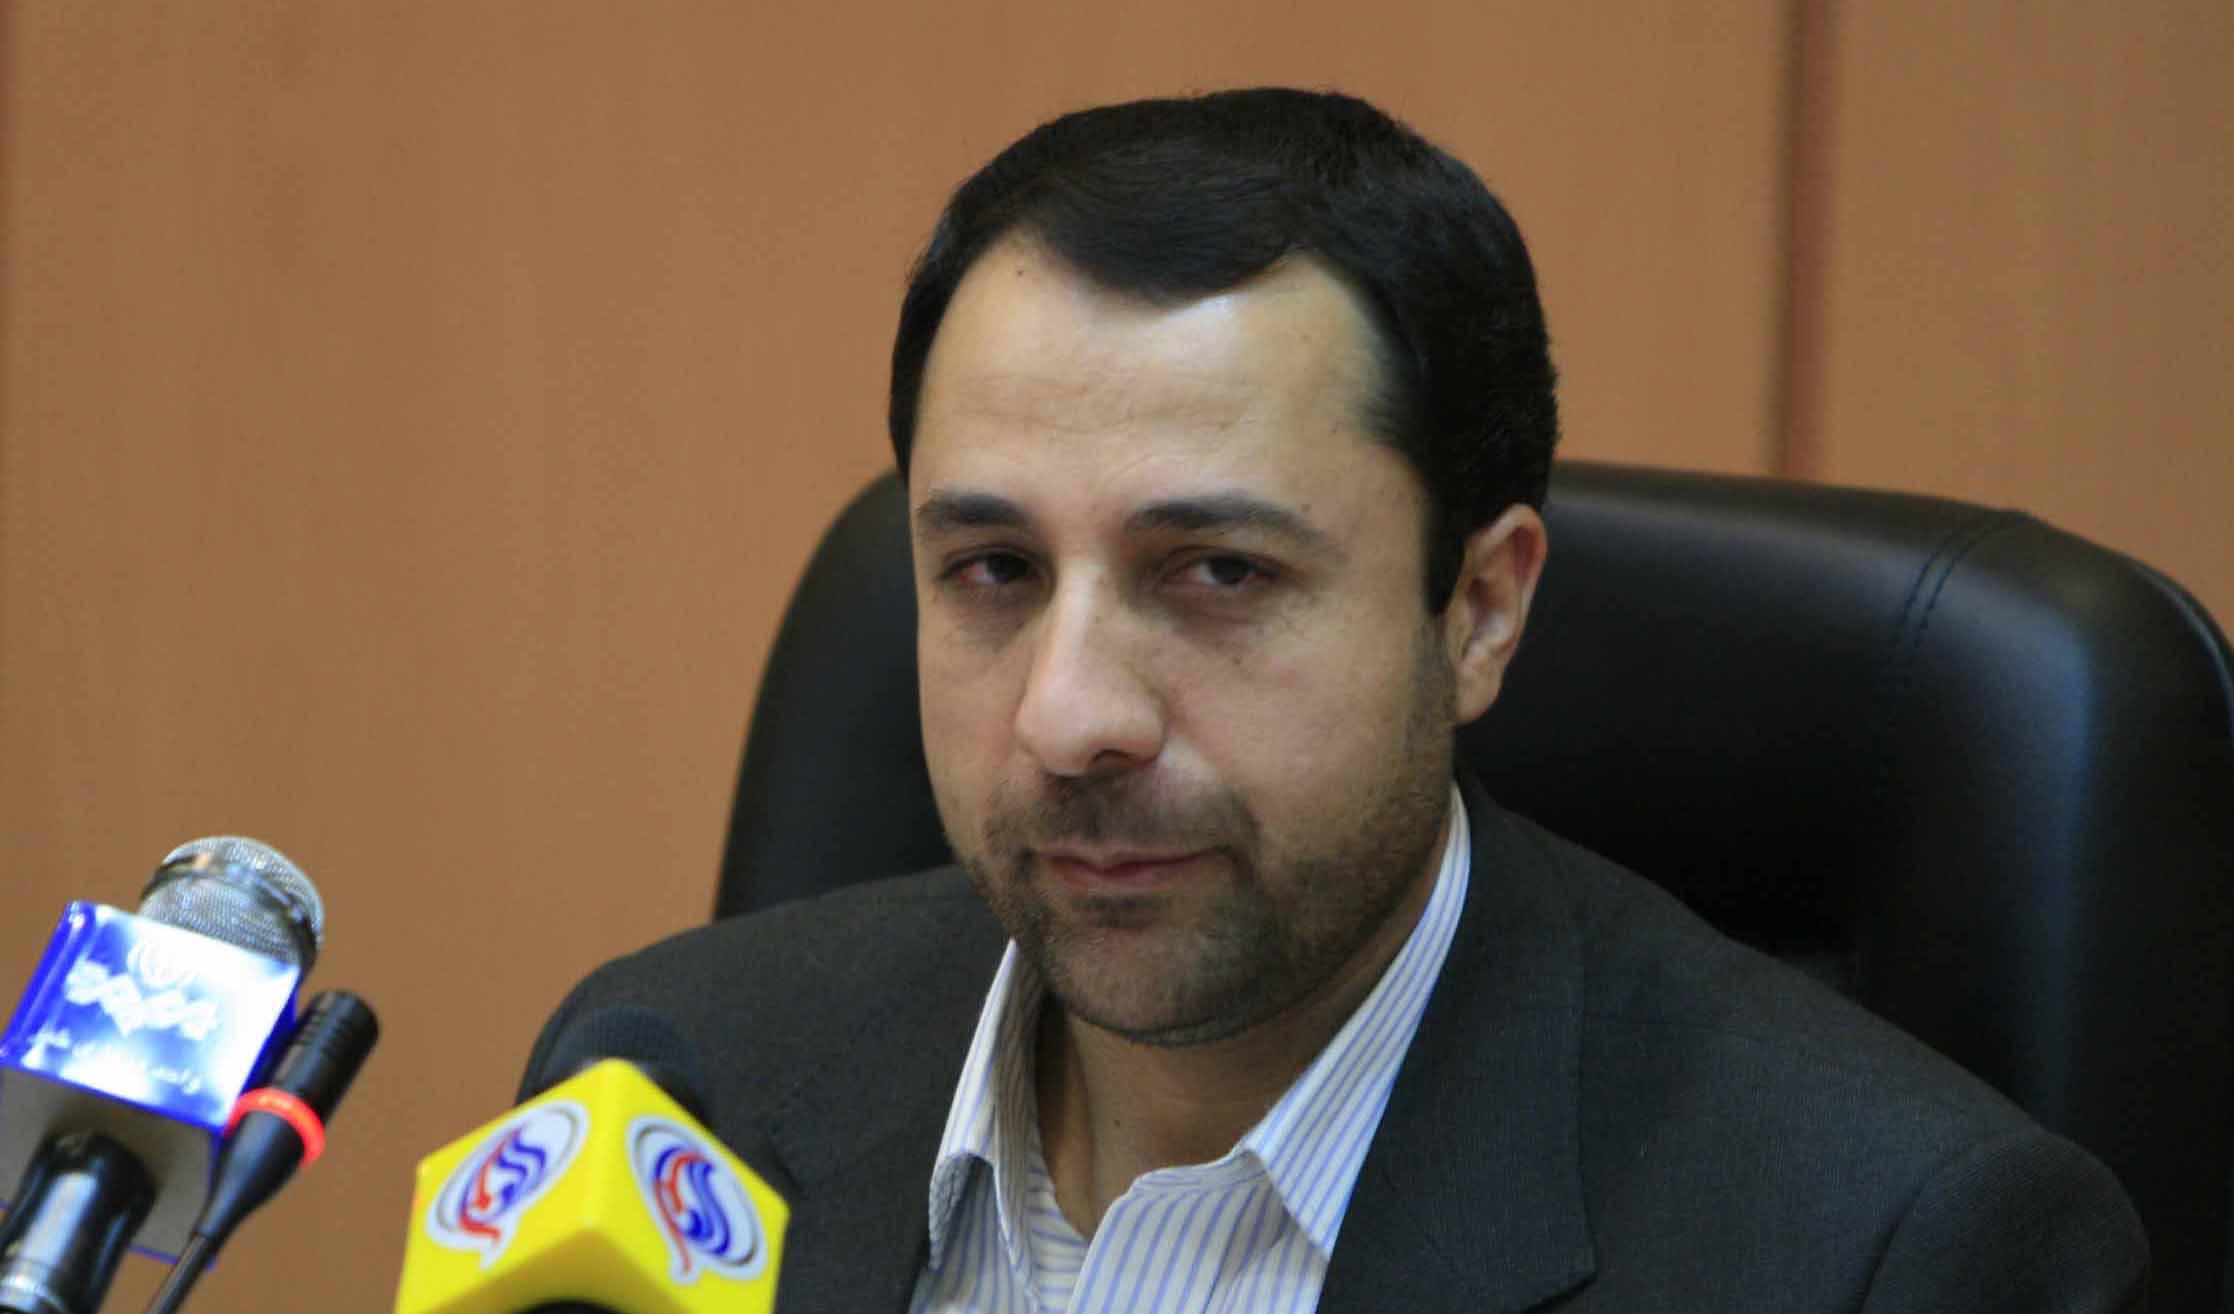 علی صالحآبادی به ریاست بانک مرکزی منصوب شد